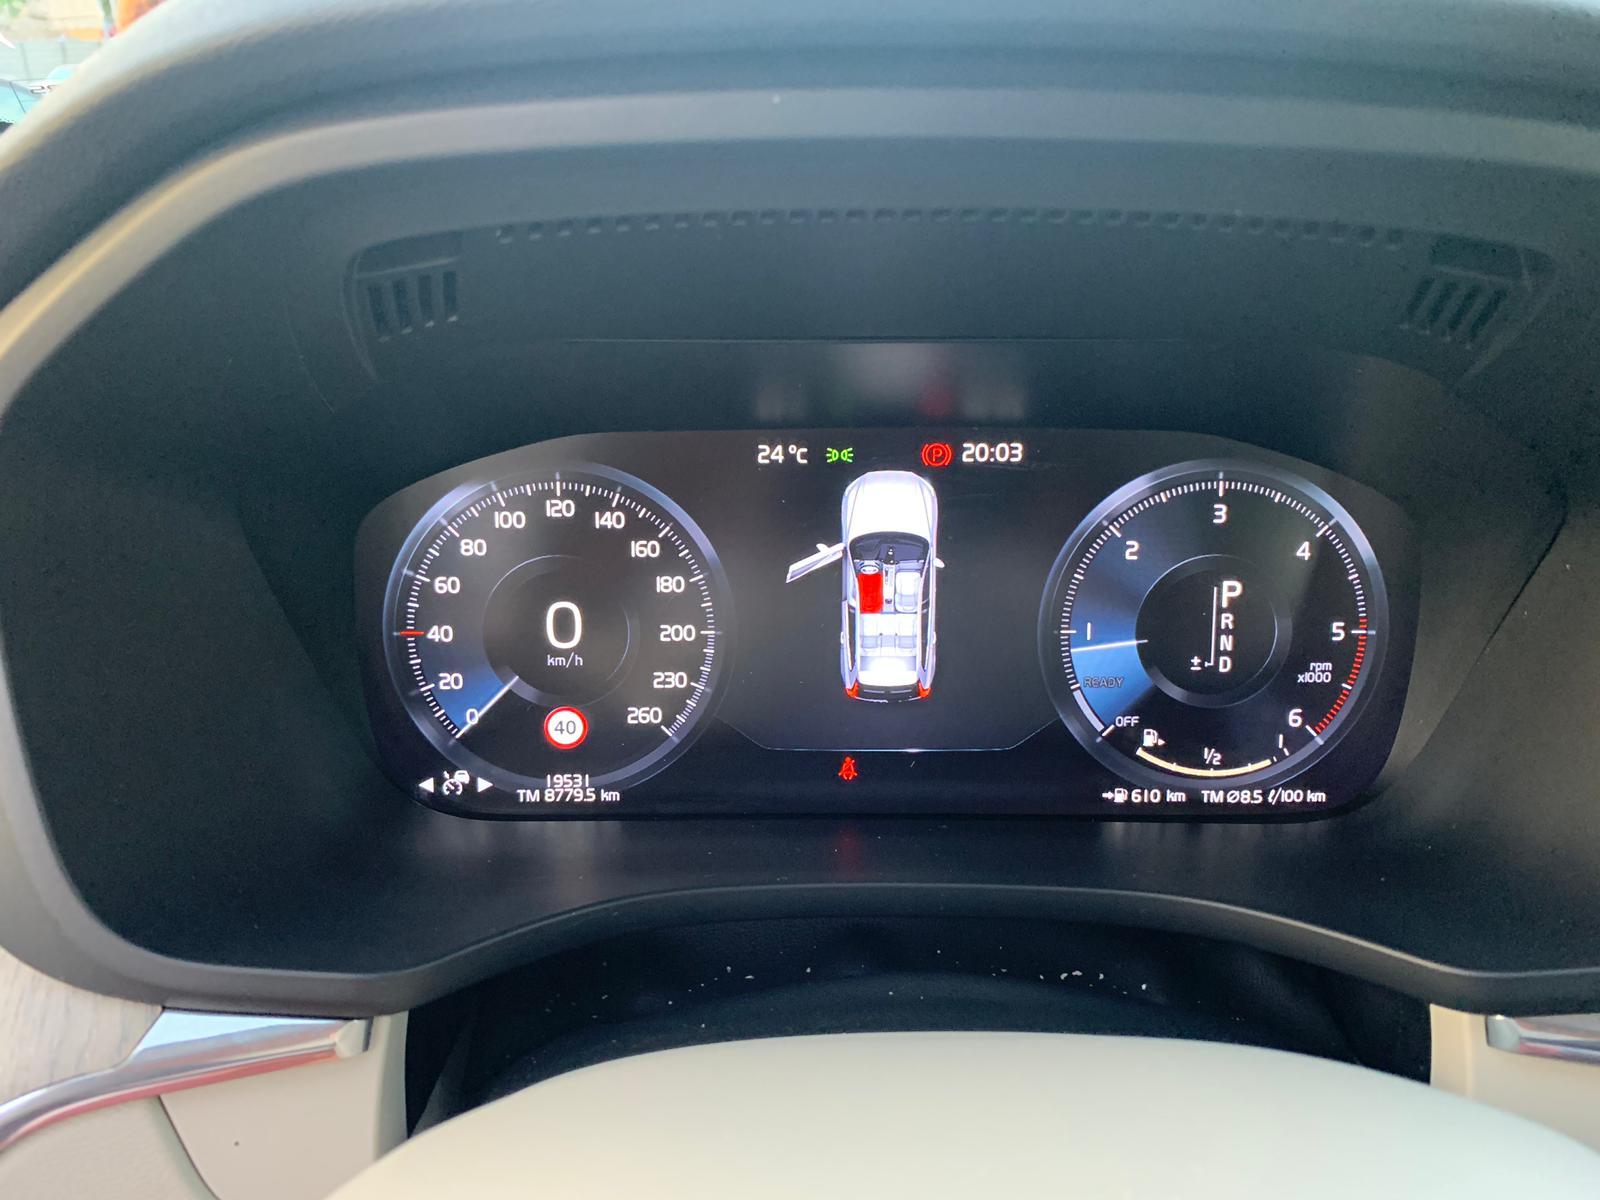 XC60 2.0 INSCRIPTION D4 AWD 2018 SEP19 (18)